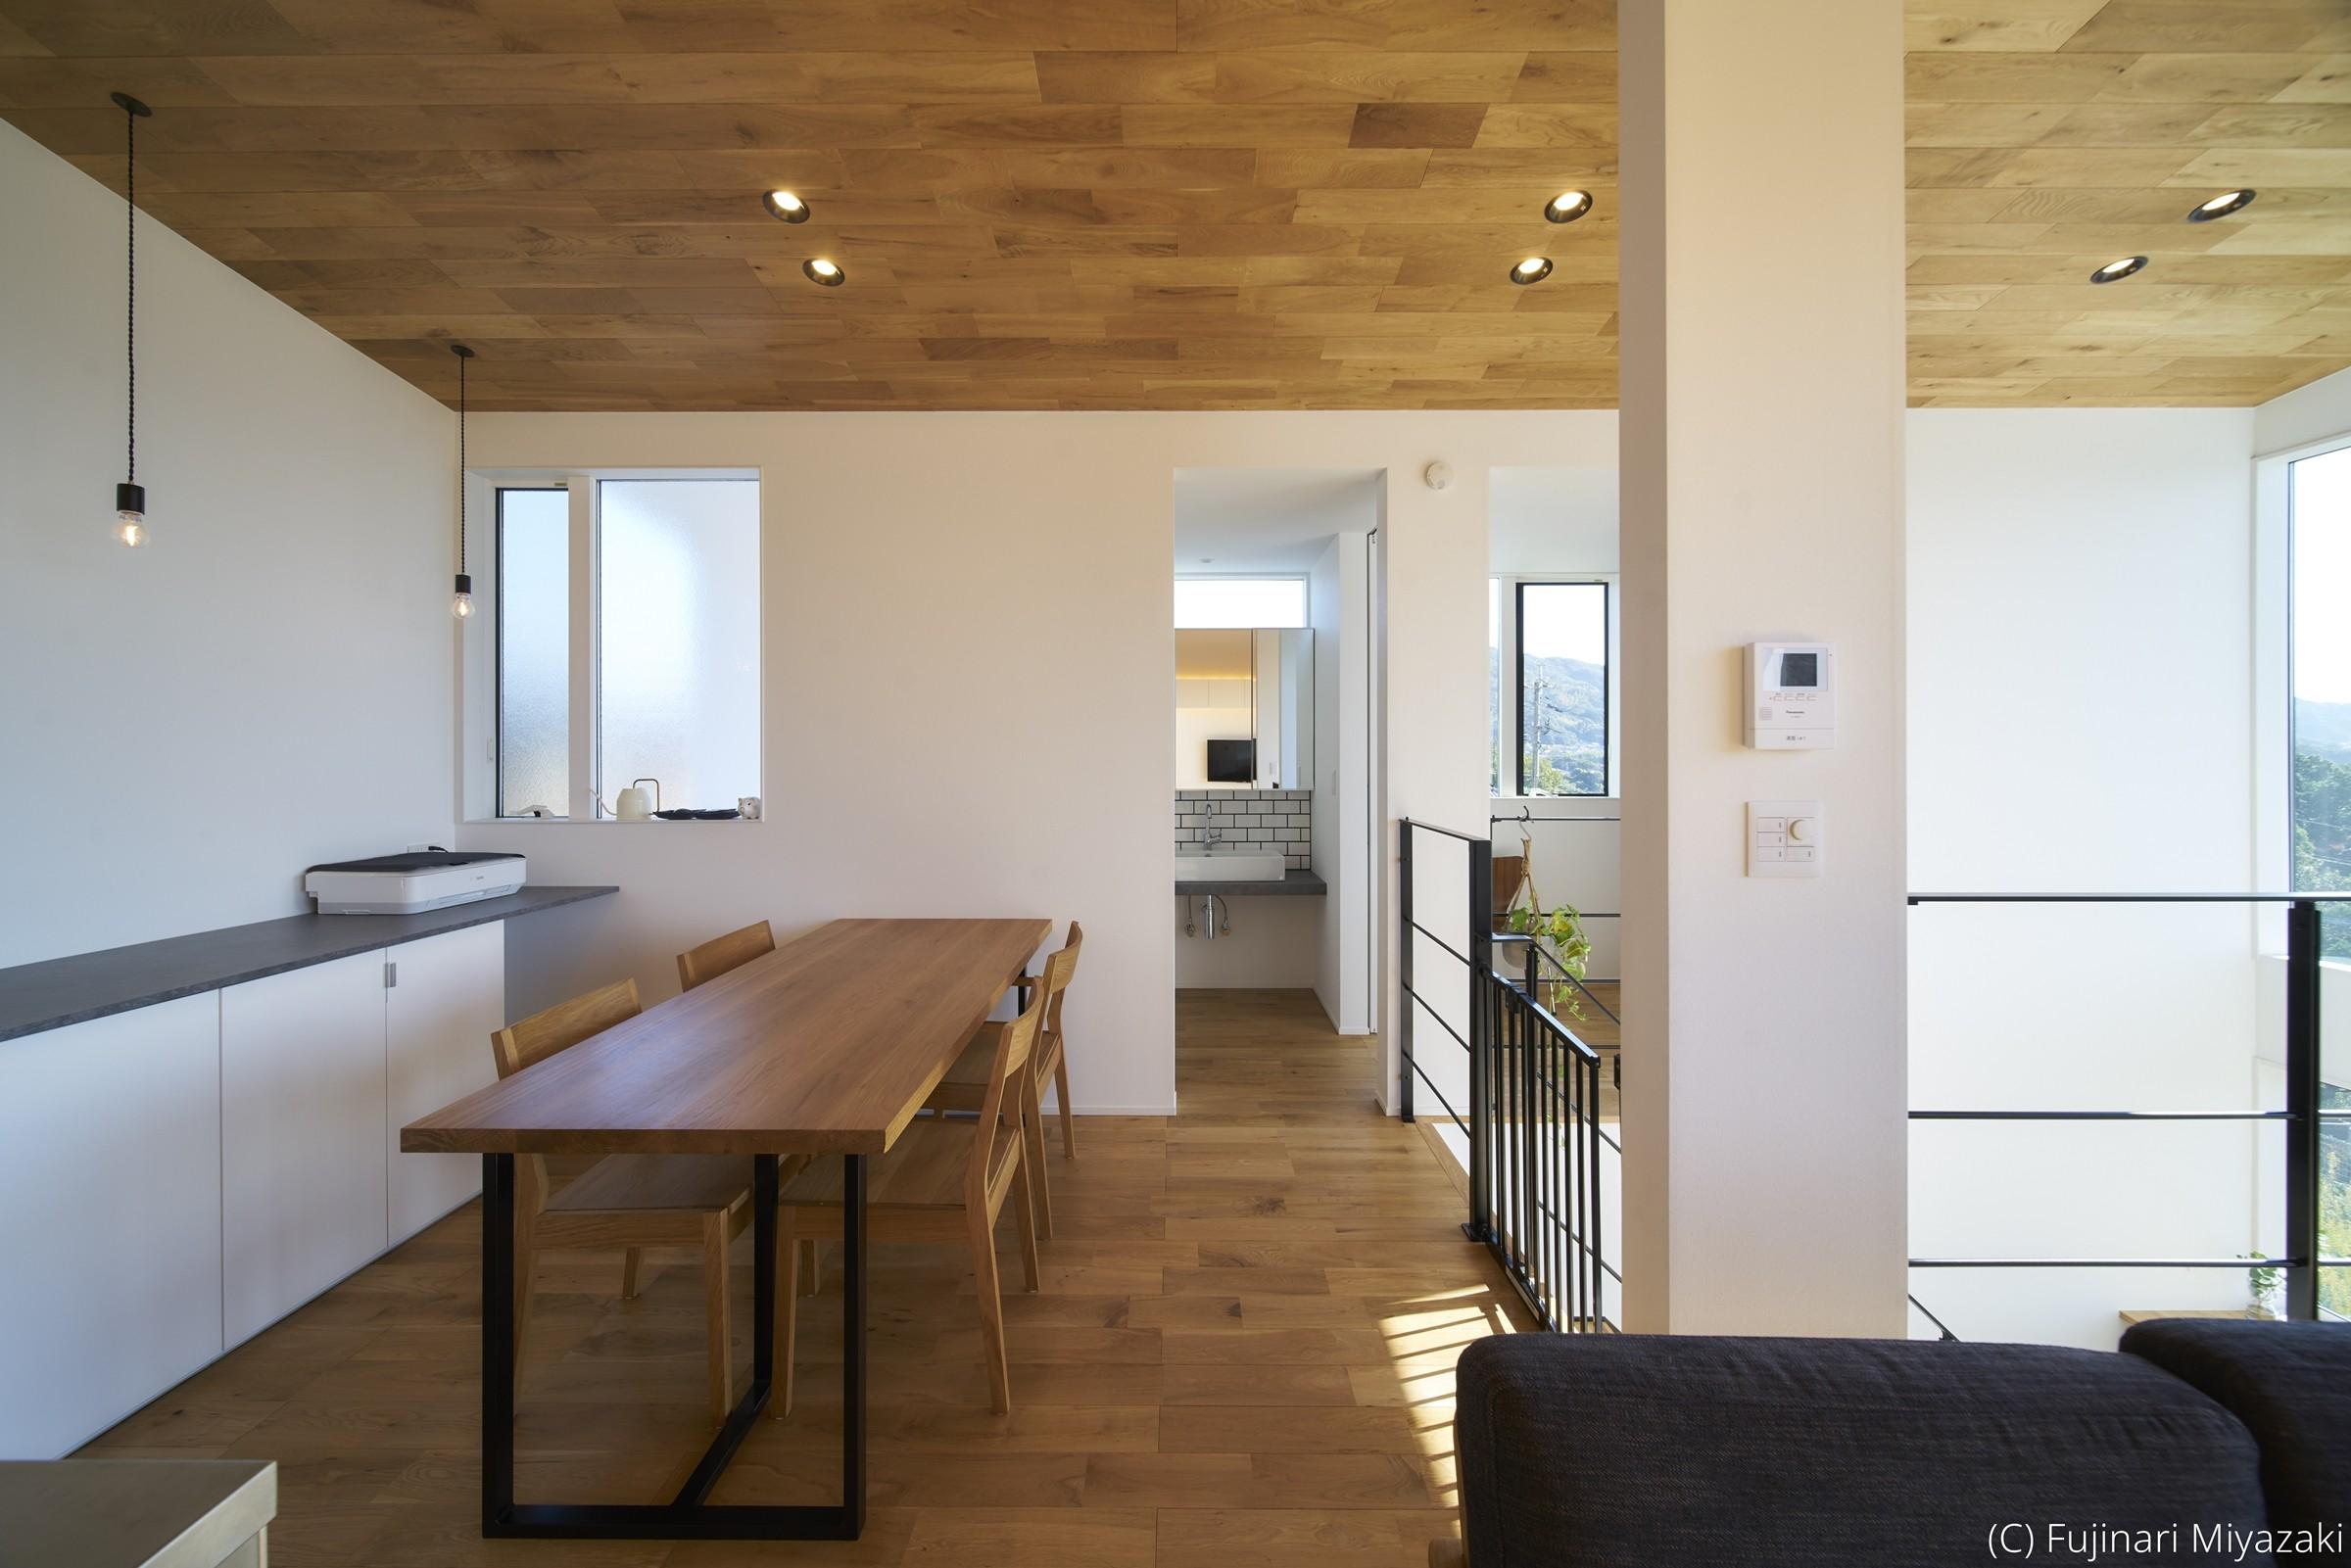 リビングダイニング事例:LDK(梅田町の家 | House in Umeda)